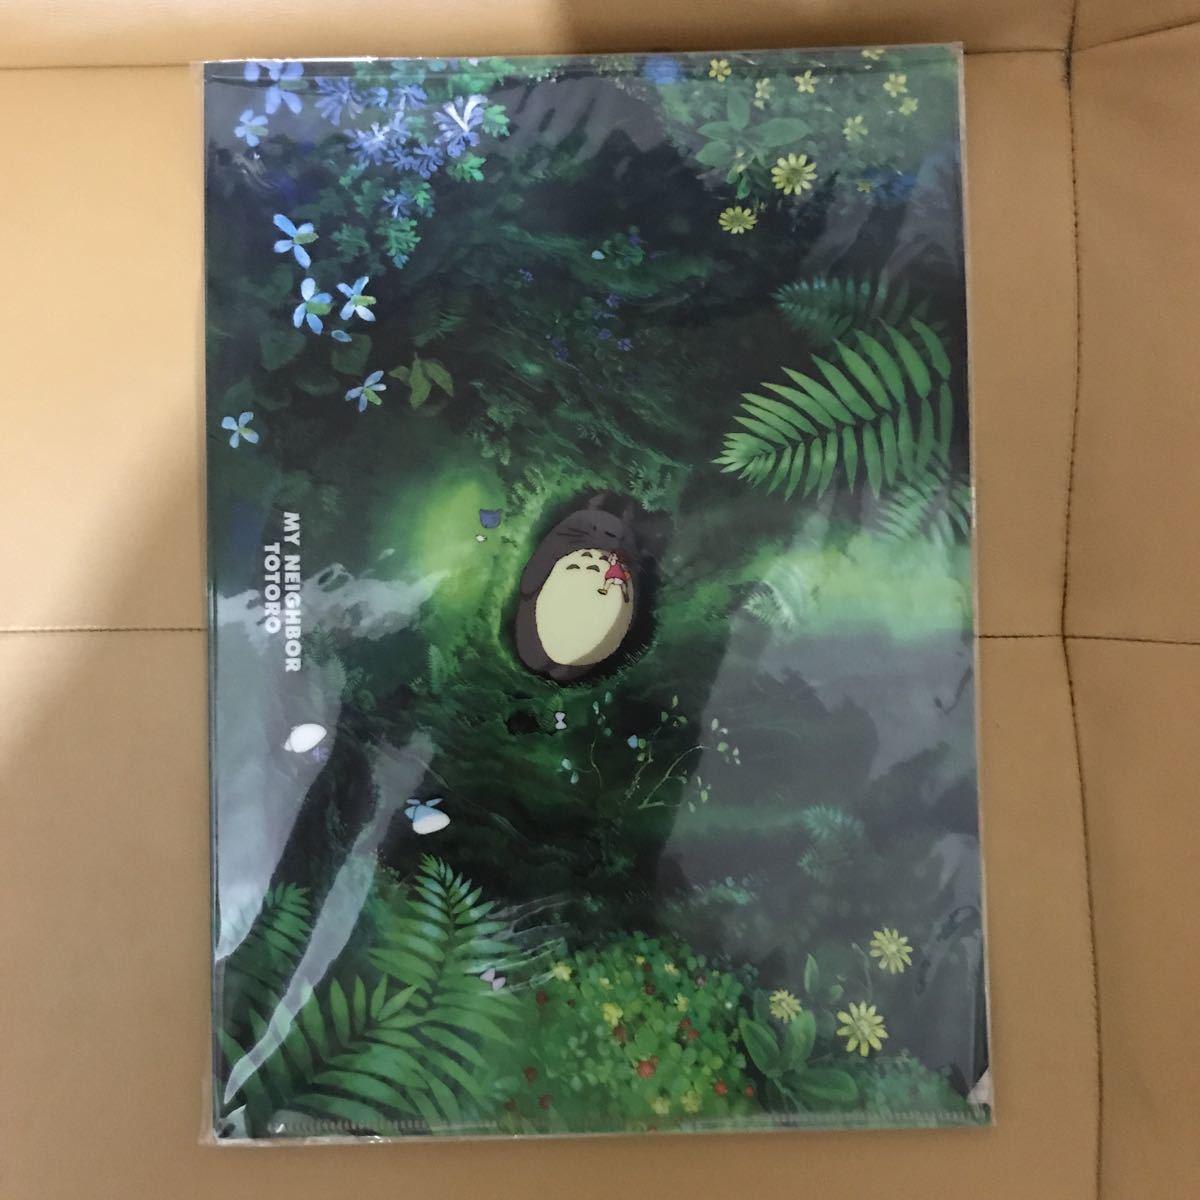 となりのトトロ トトロの寝床 A4クリアファイル ARTシリーズ スタジオジブリ 宮崎駿_画像1